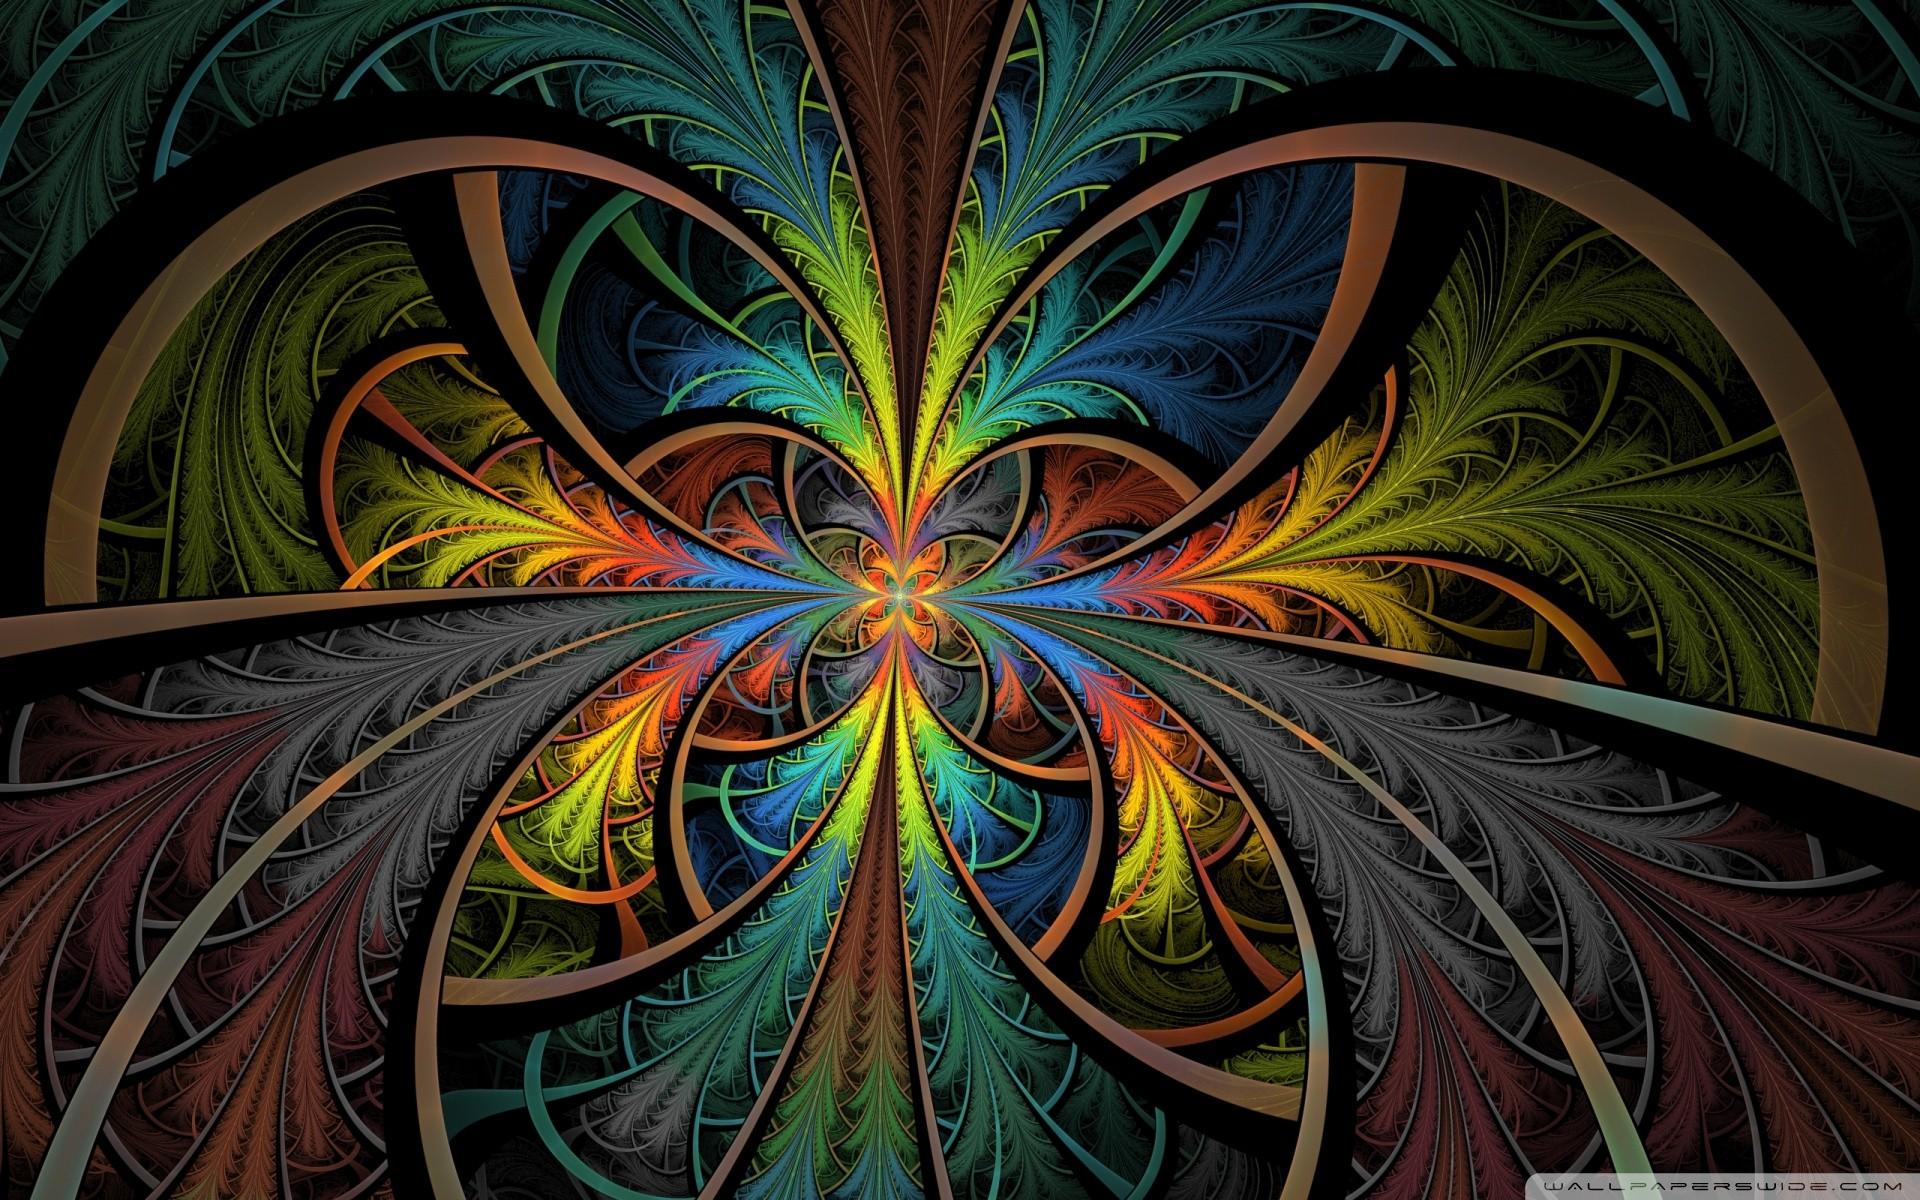 Psychedelic Desktop Wallpaper   wwwwallpapers in hdcom 1920x1200